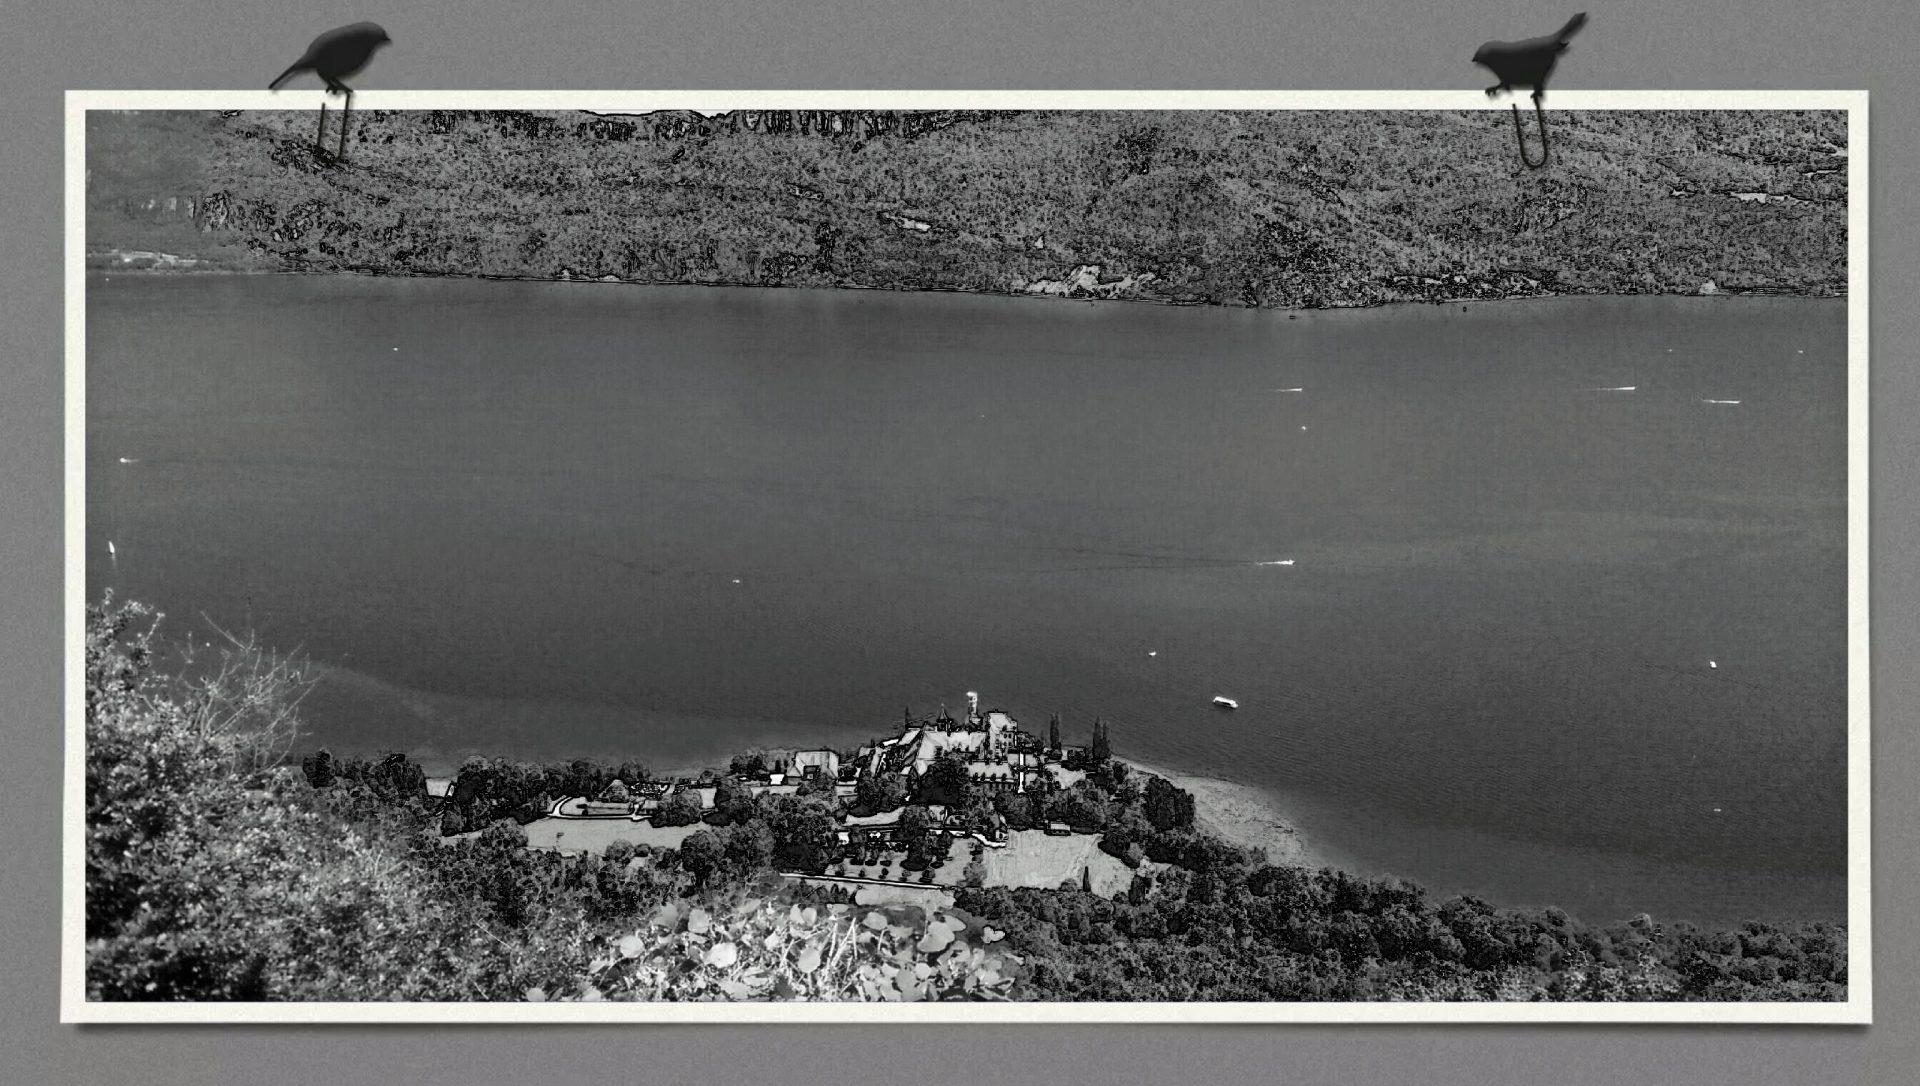 De Jaipur à Aix les Bains tout baigne - Crédit photo izart.fr